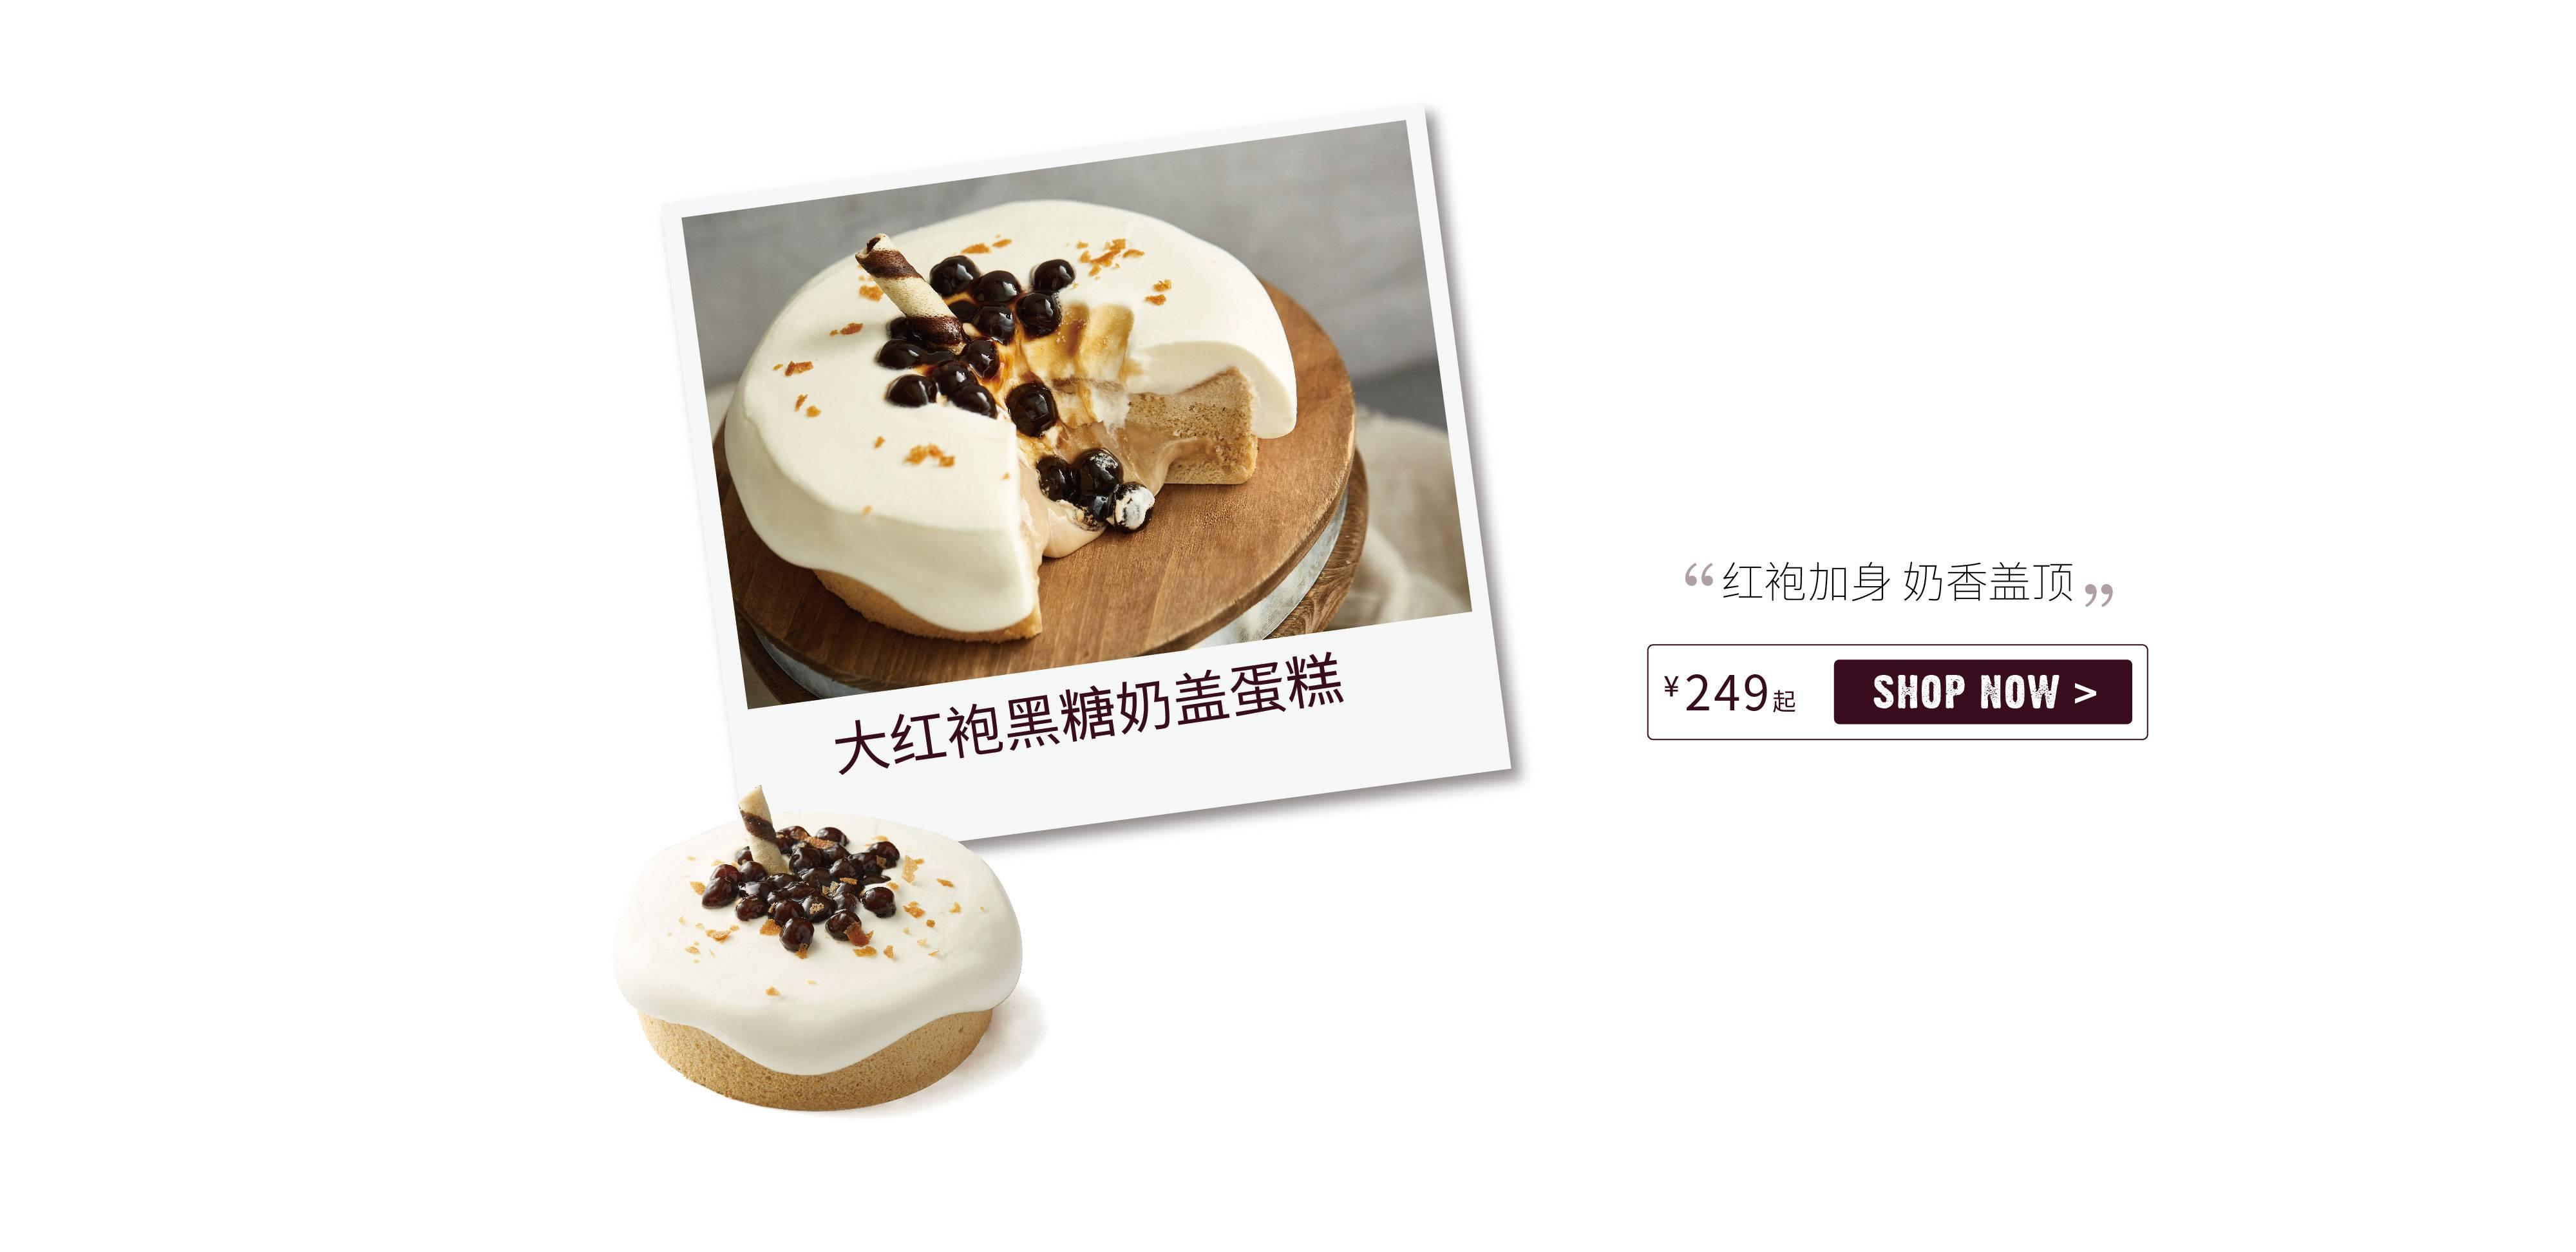 大红袍黑糖奶盖蛋糕